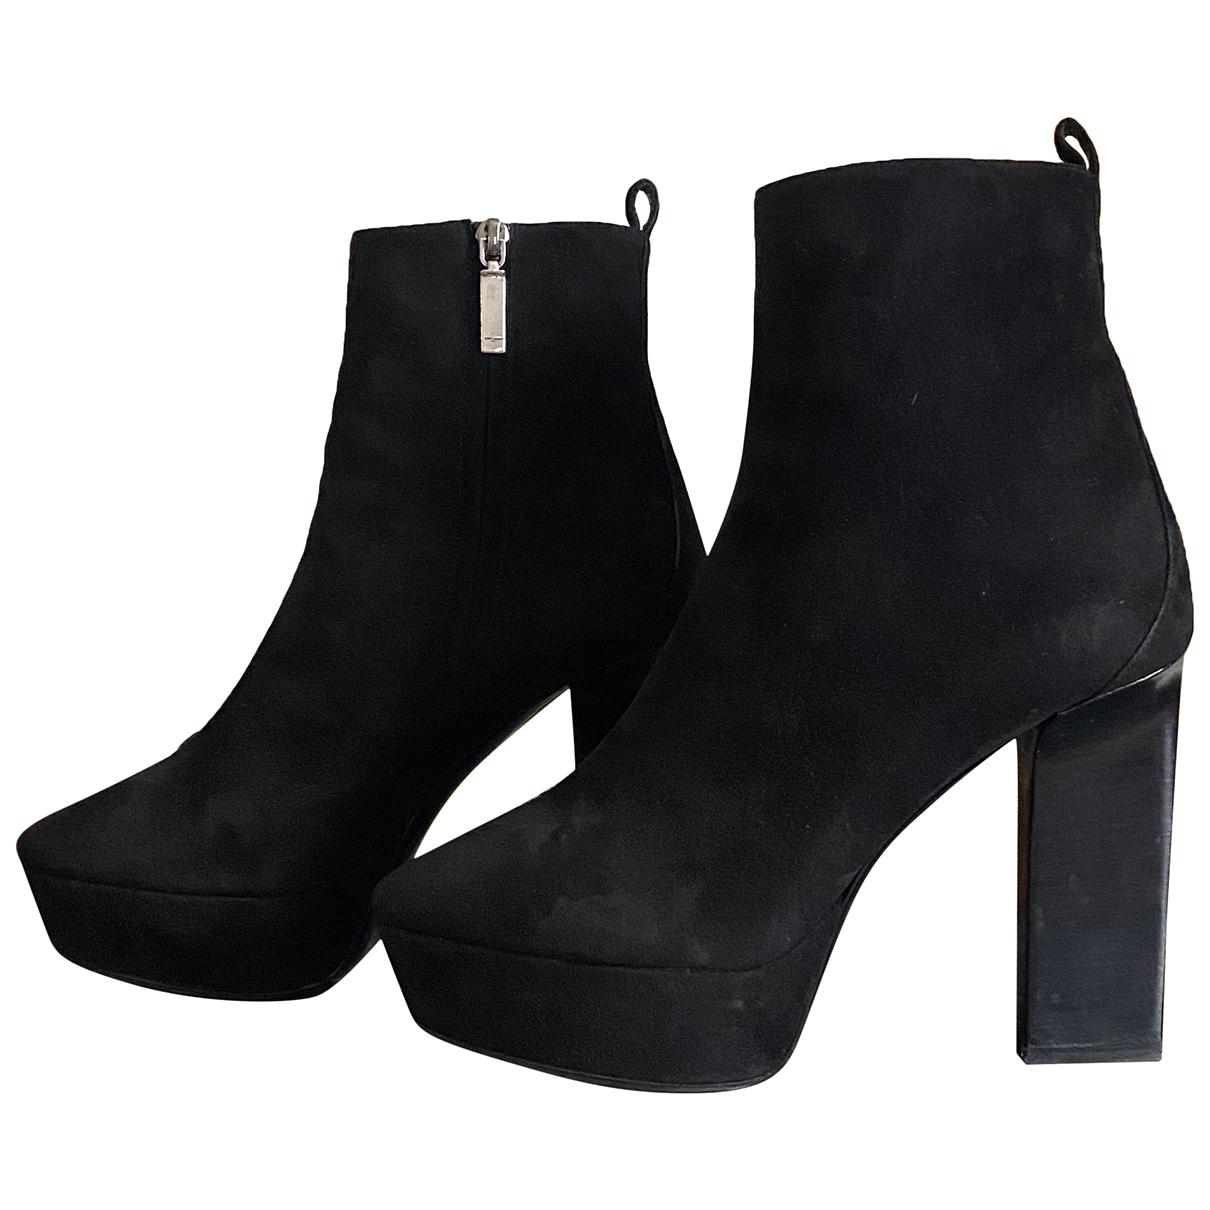 Saint Laurent N Black Suede Ankle boots for Women 39 EU